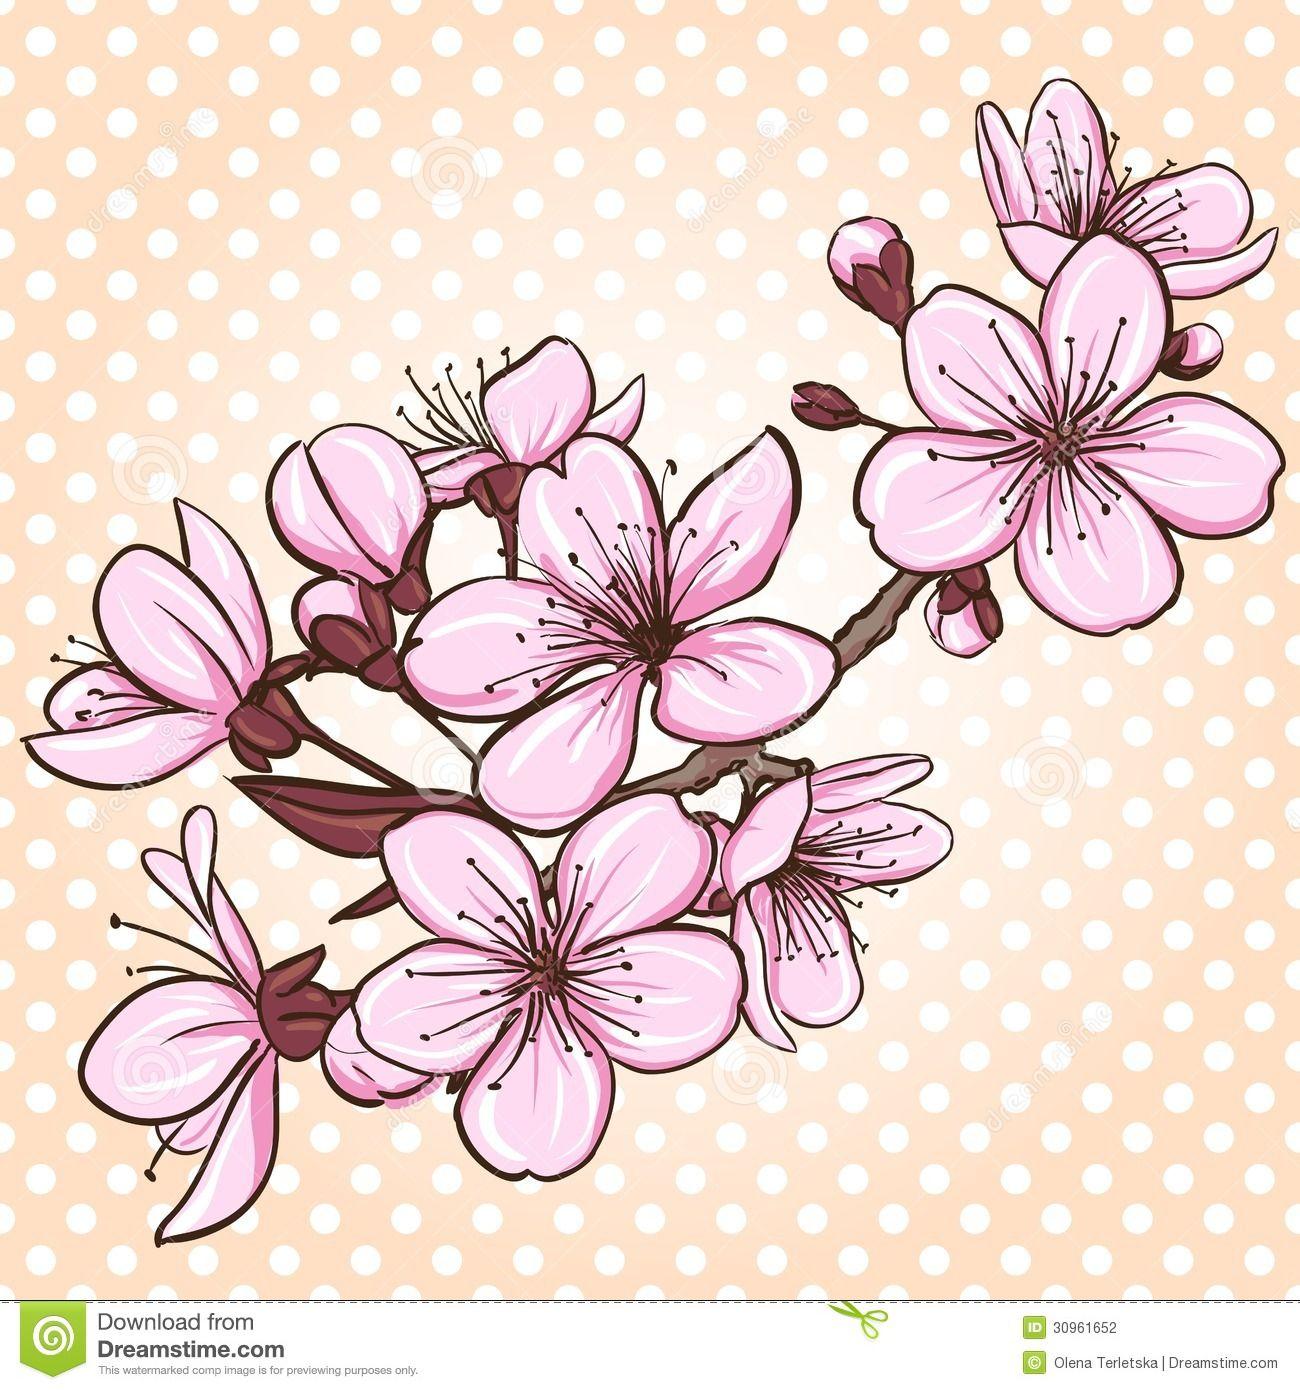 Flor De Cerezo 30961652 Jpg 1300 1390 Cherry Blossom Drawing Flower Drawing Cherry Blossom Vector